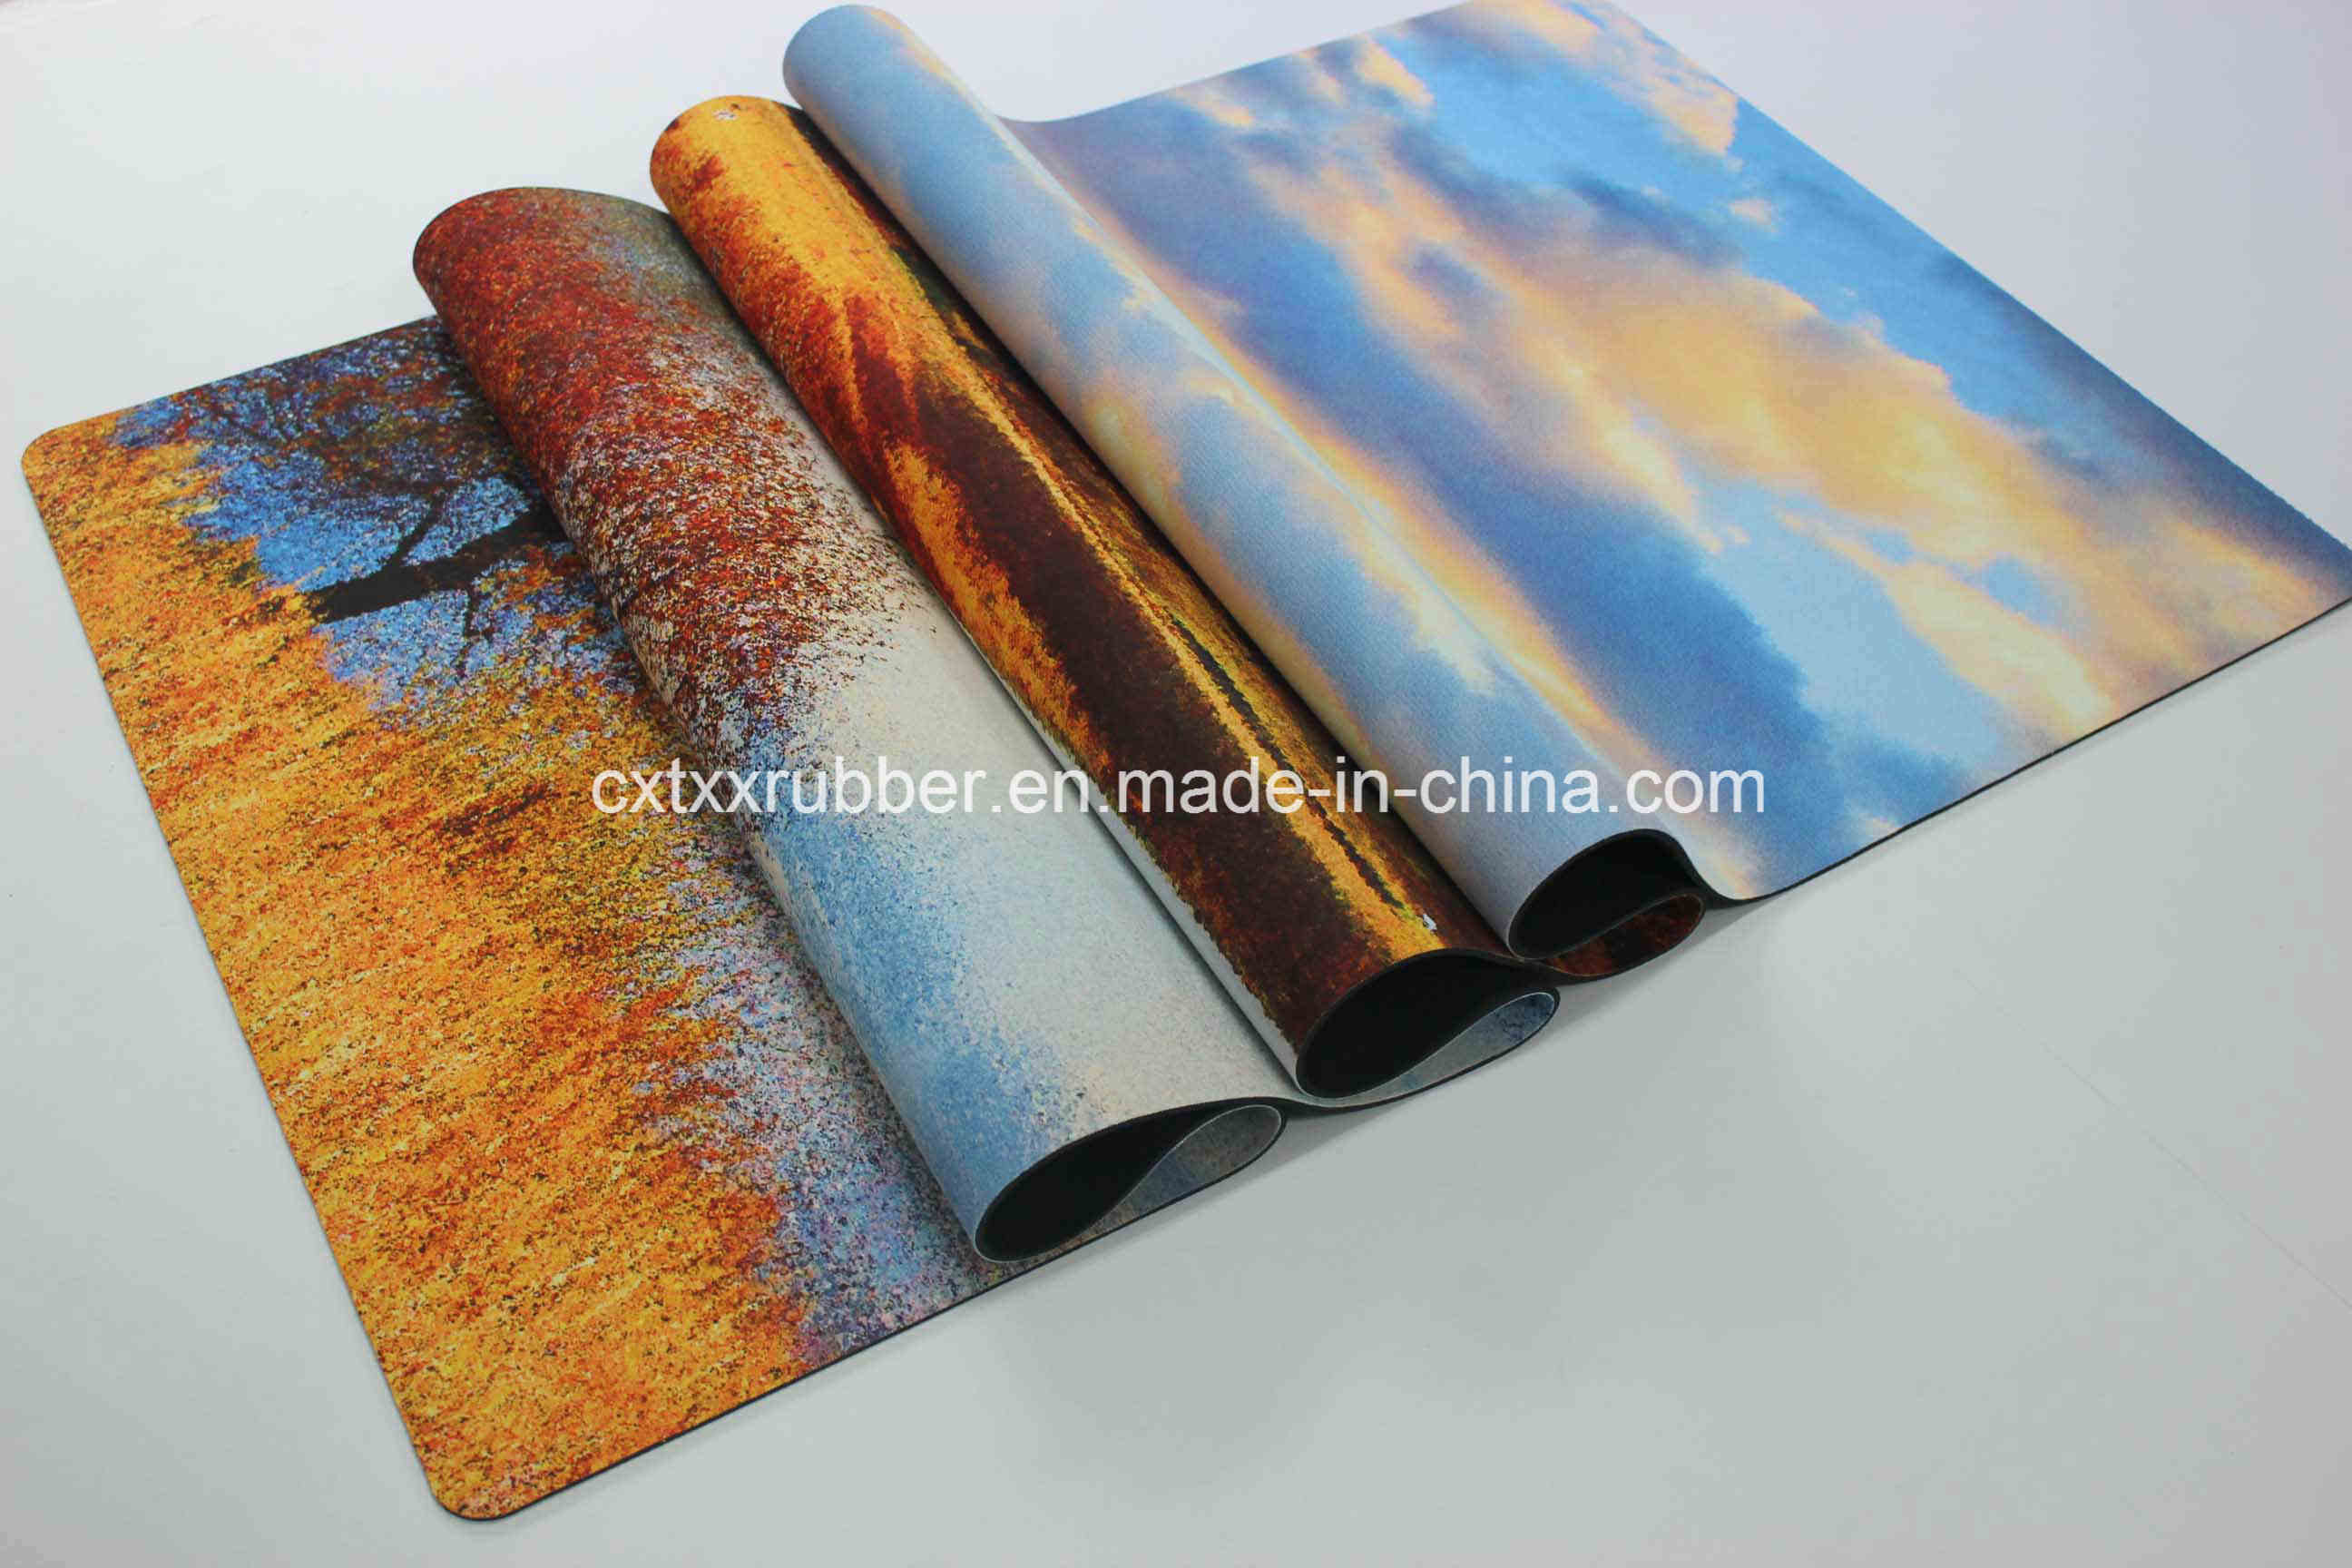 guide yoga rubber mat premium hathayoga com best solid mats gaiam complete comparison